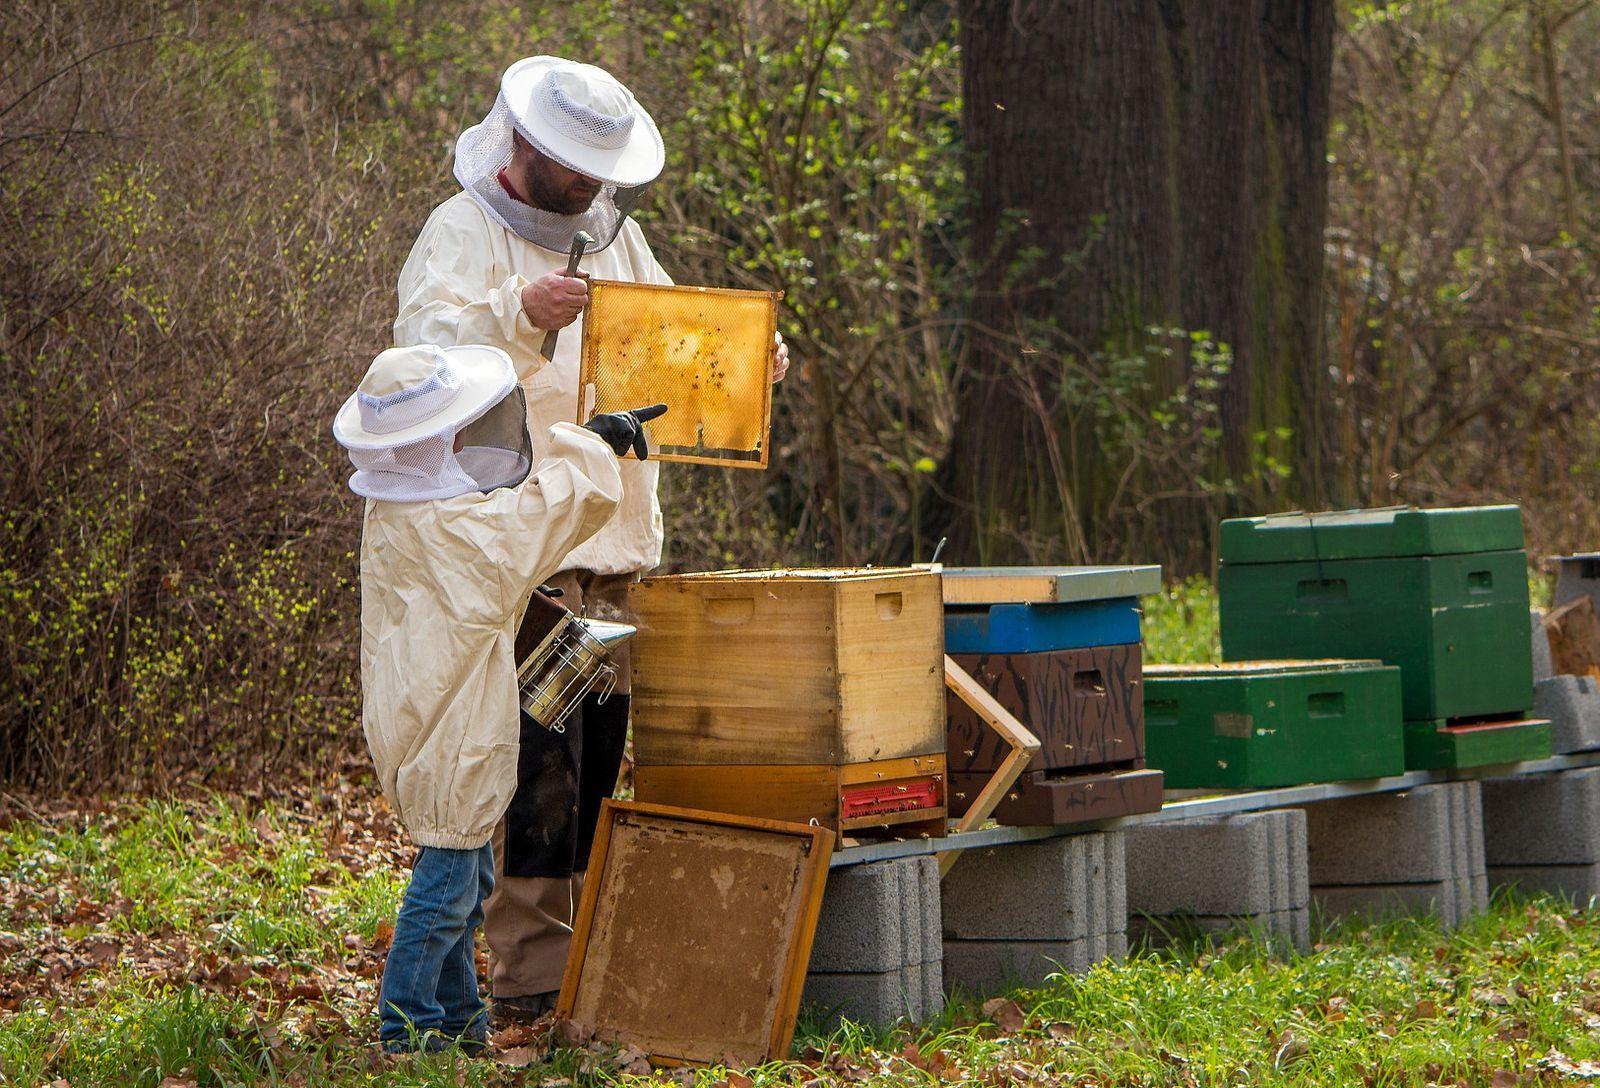 méhészeti termékek közös kezelésre